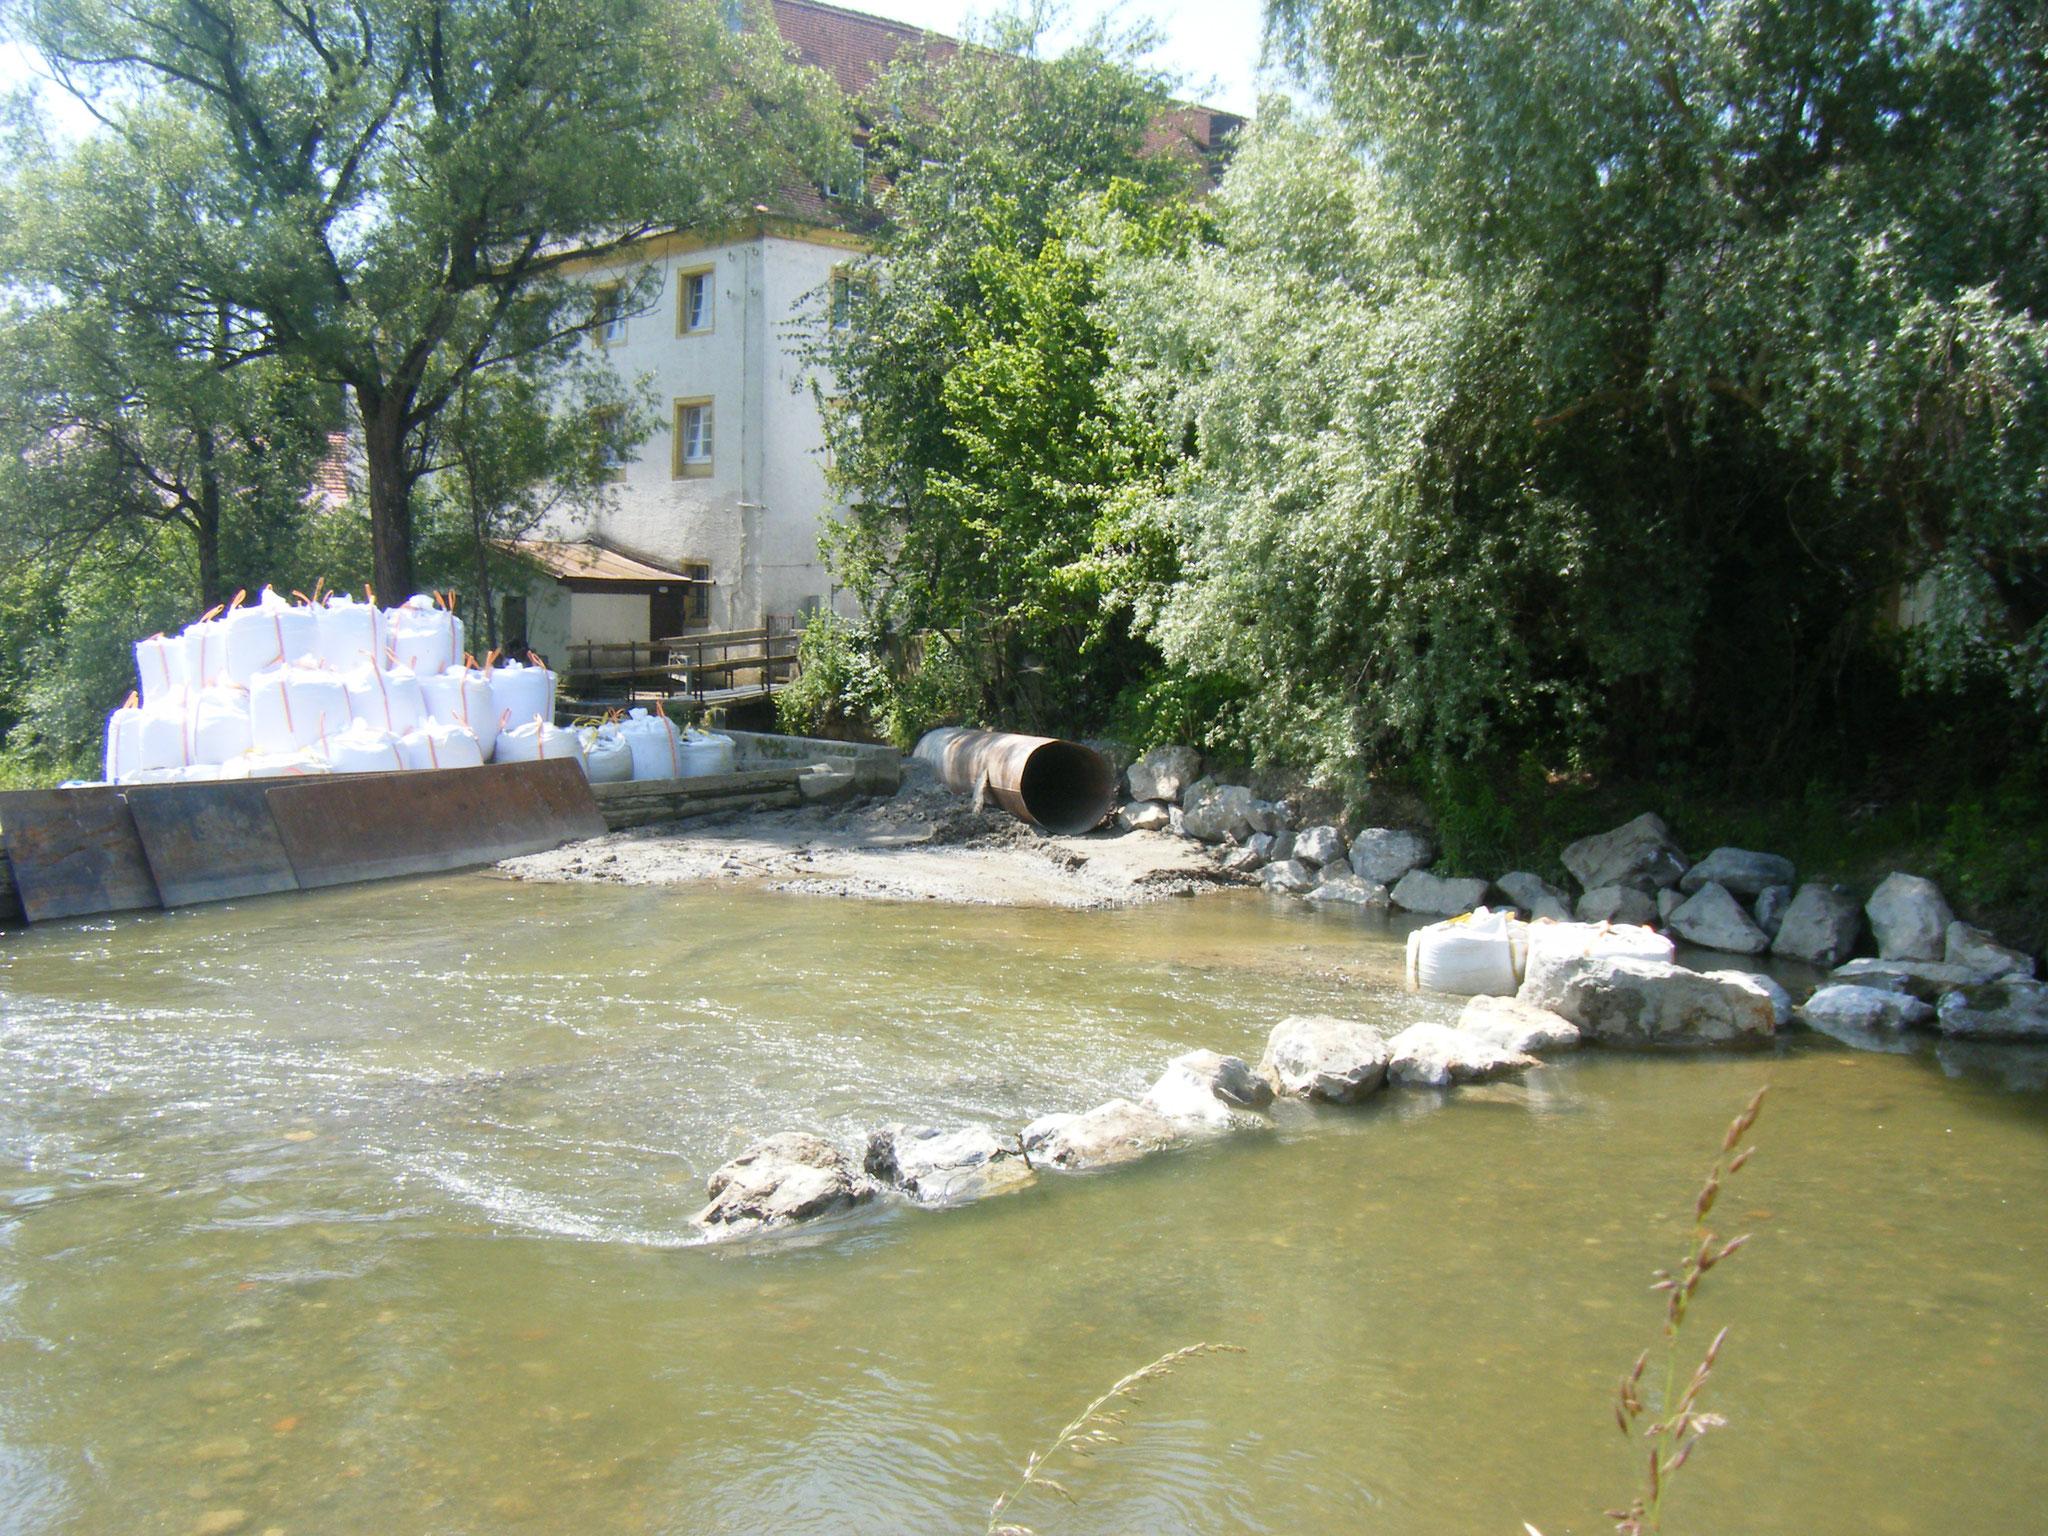 vor dem ehemaligen Wehrkörper leitet jetzt ein Wall aus Steinen das Wasser in Richtung Sohlgleite